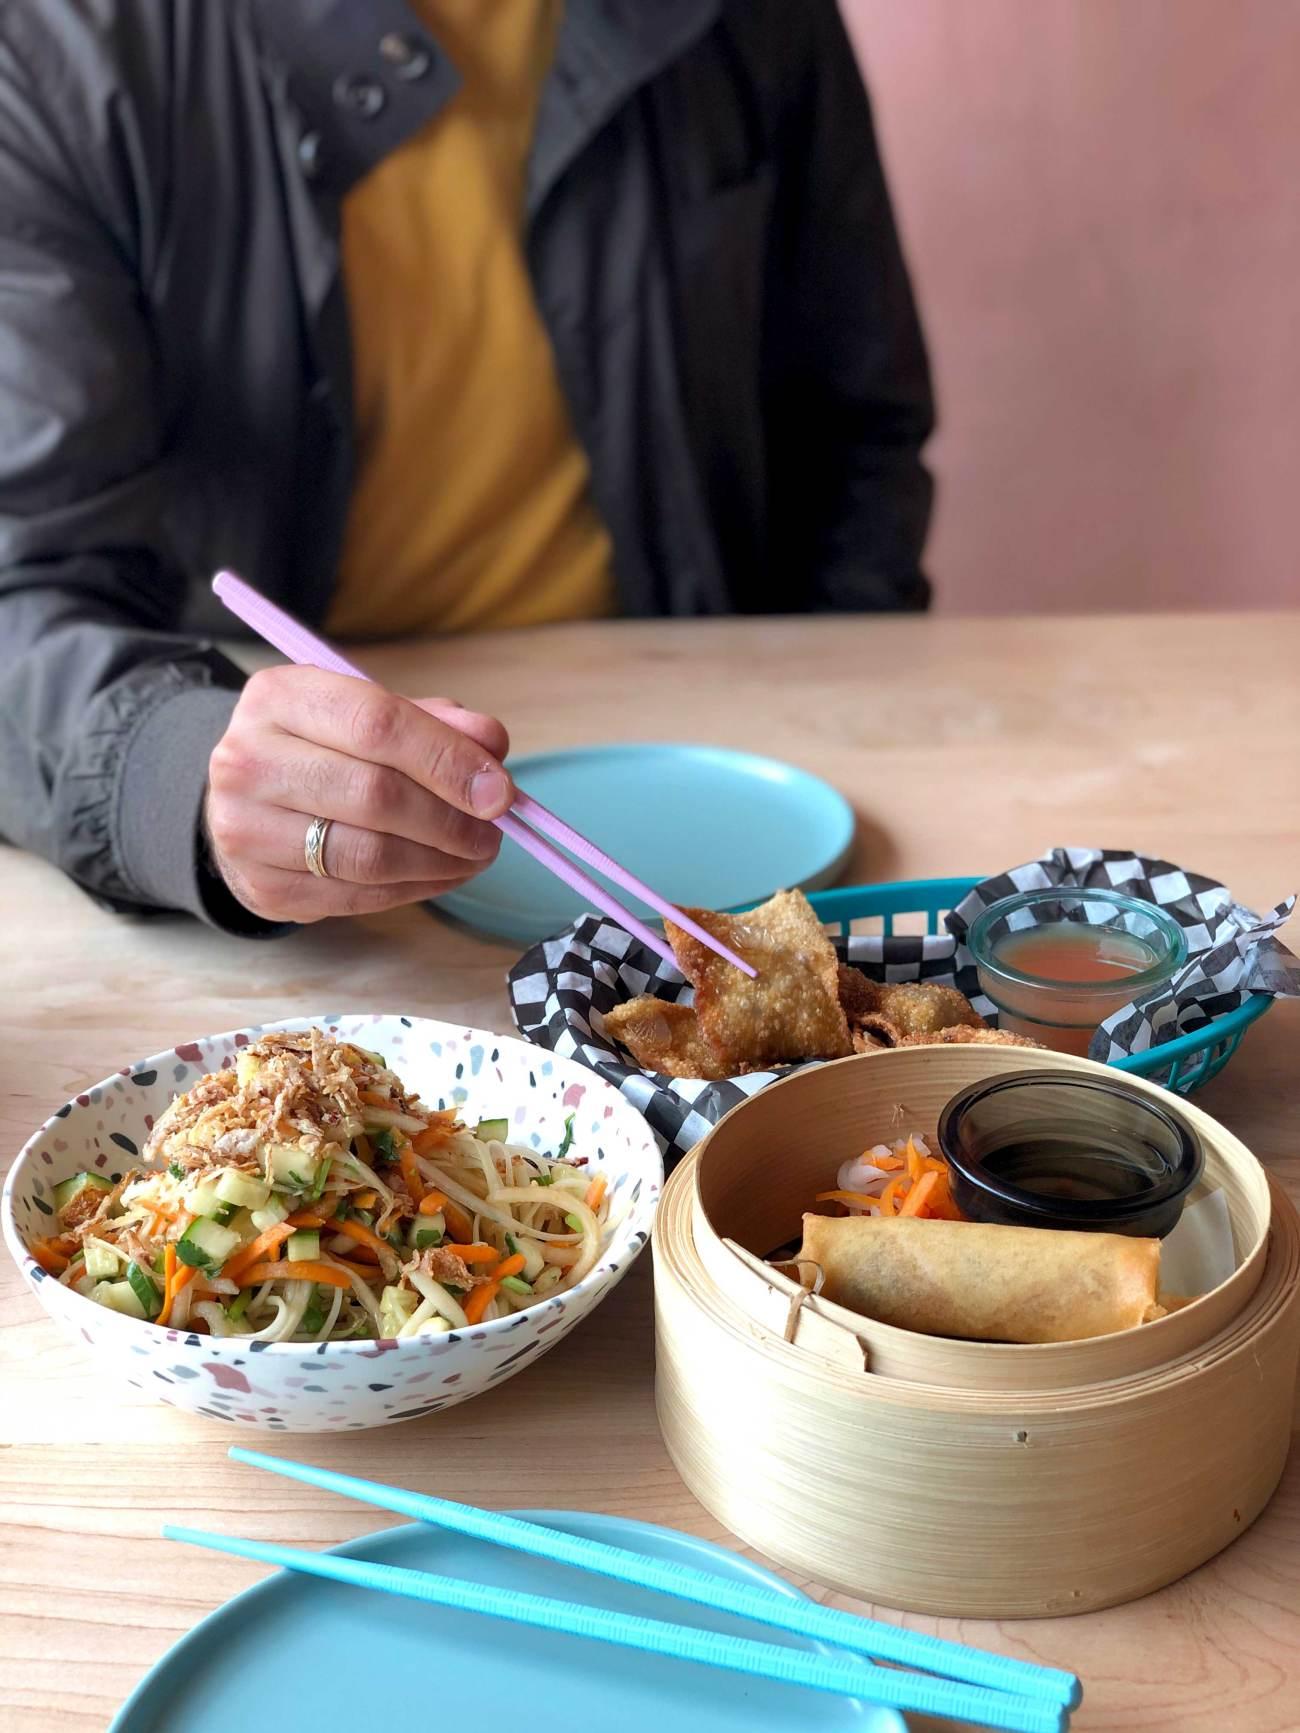 Plusieurs plats vietnamiens déposés sur une table avec la silhouette d'un homme qui prend un ravioli avec une baguette.